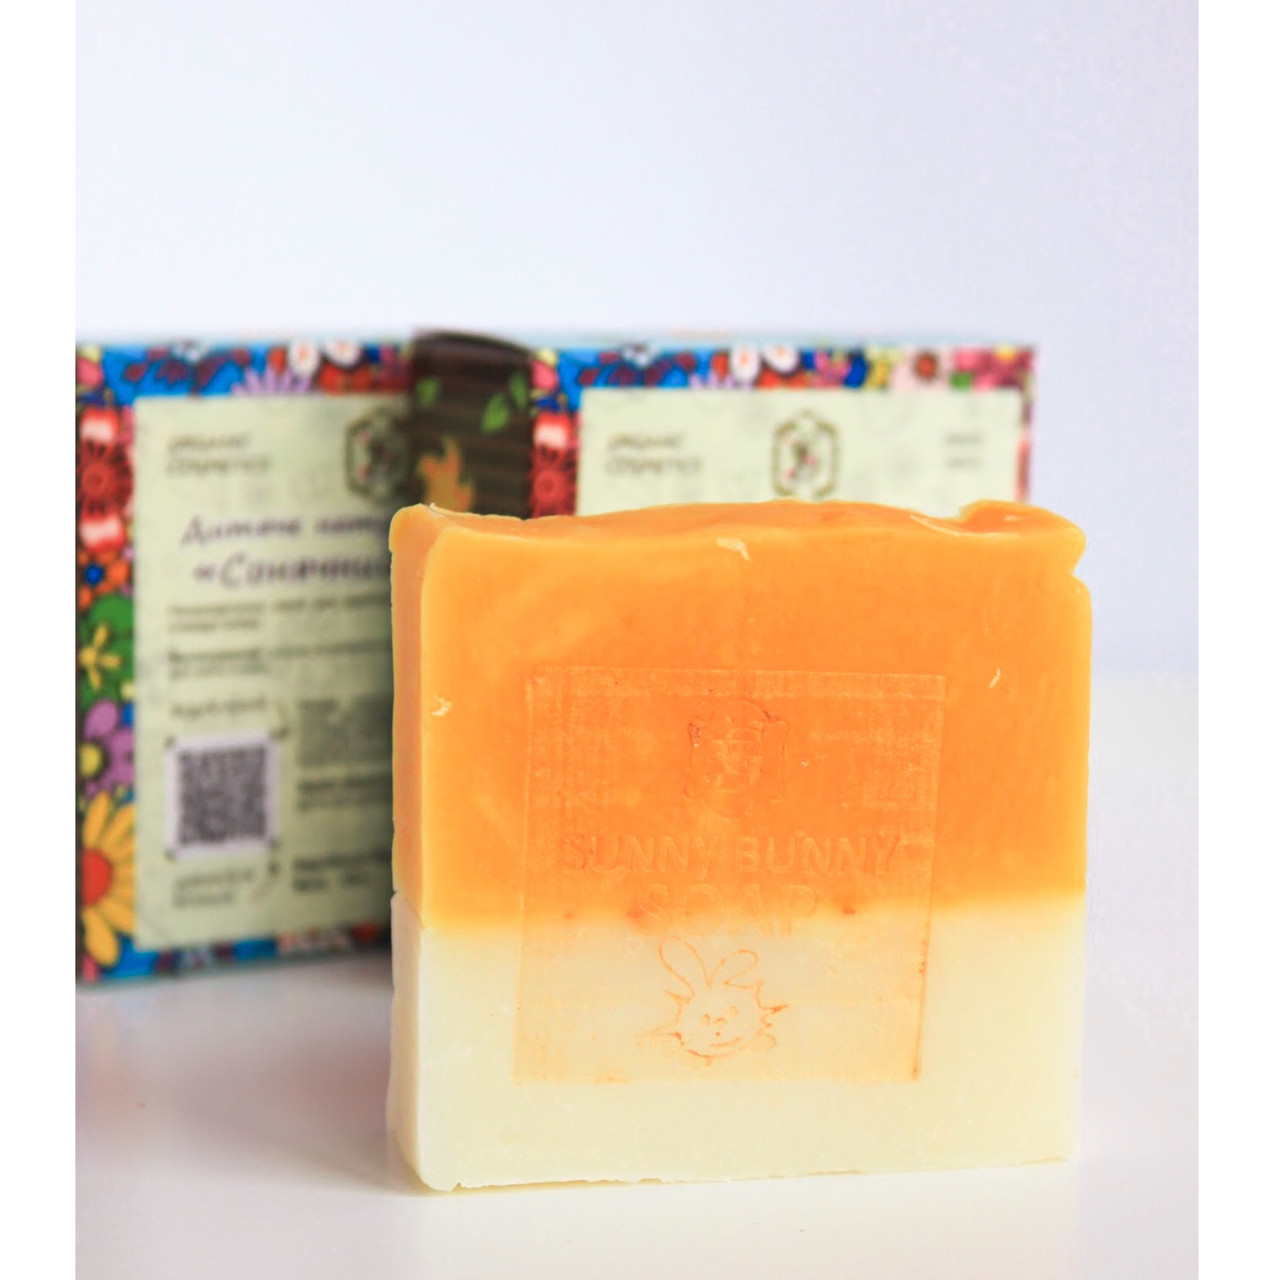 Детское натуральное мыло ручной работы Солнечный зайчик от GZ 500 г(5 шт по 100 г) - семейная упаковка